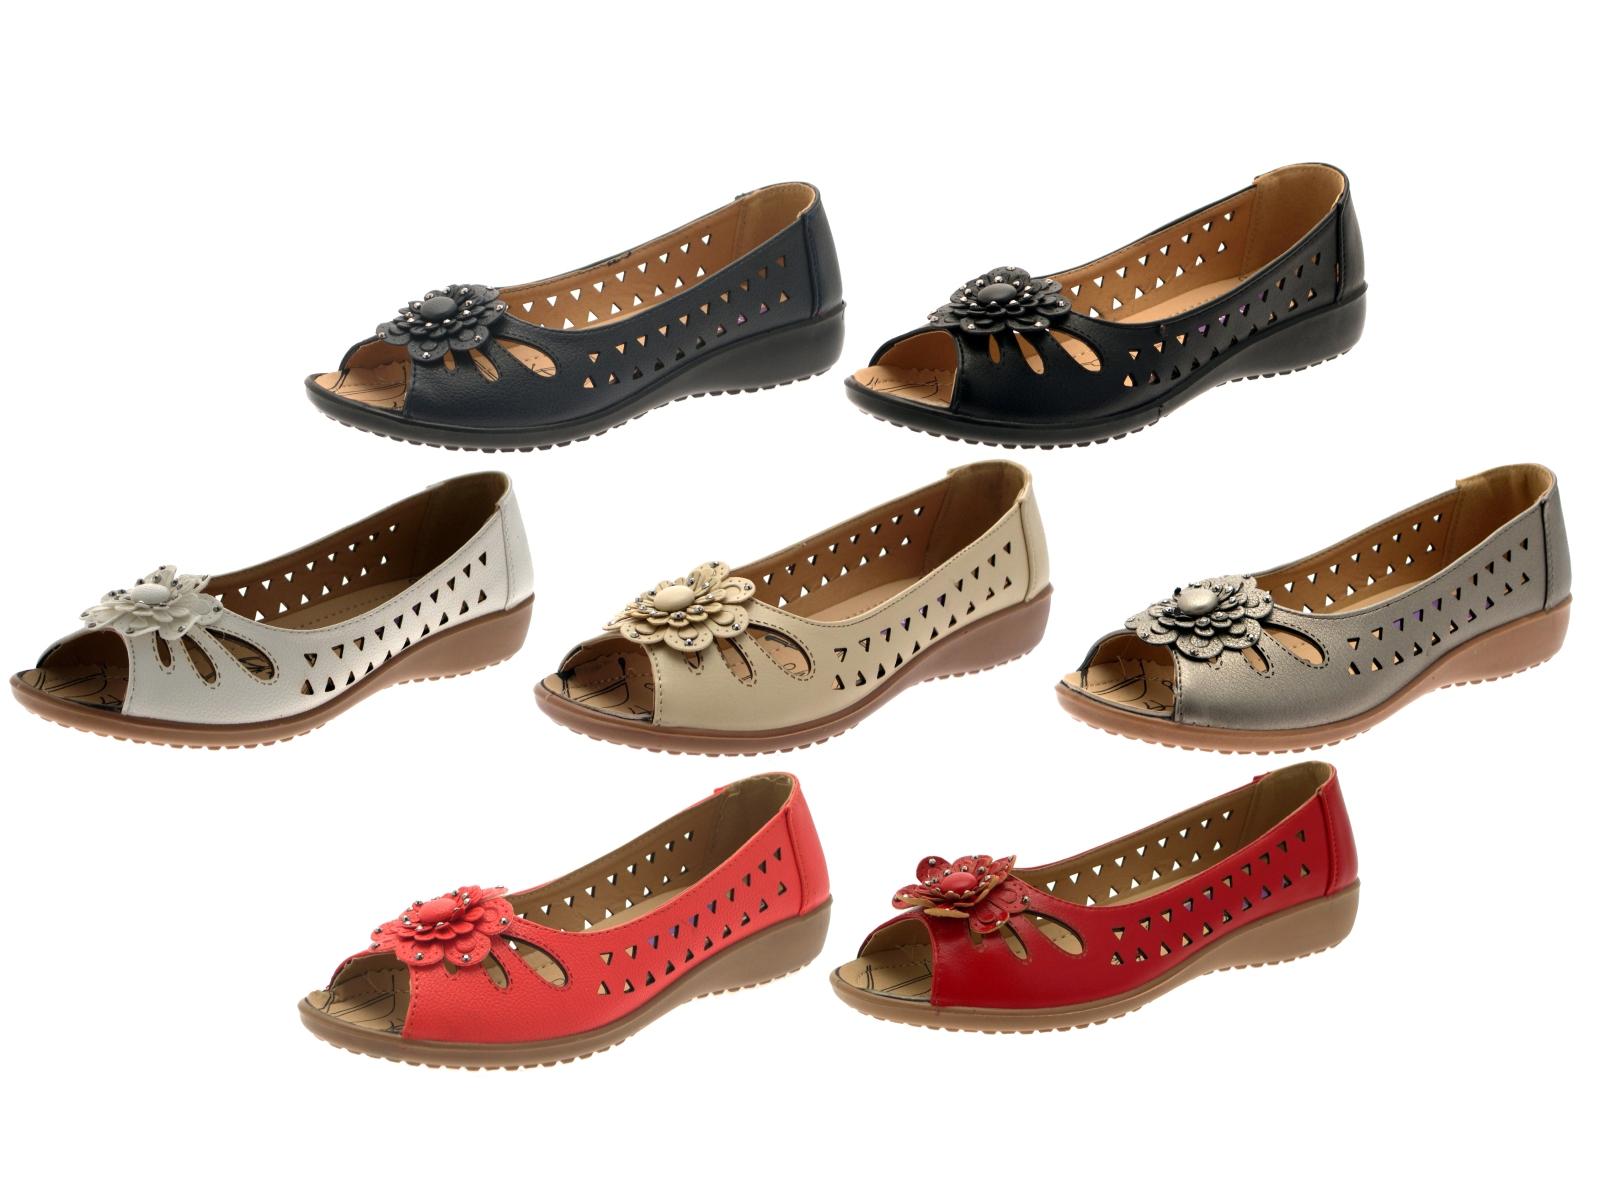 1160d7ea9 Womens Faux Leather Comfort Cut Out Flat Shoes Flower Sandals Ladies ...